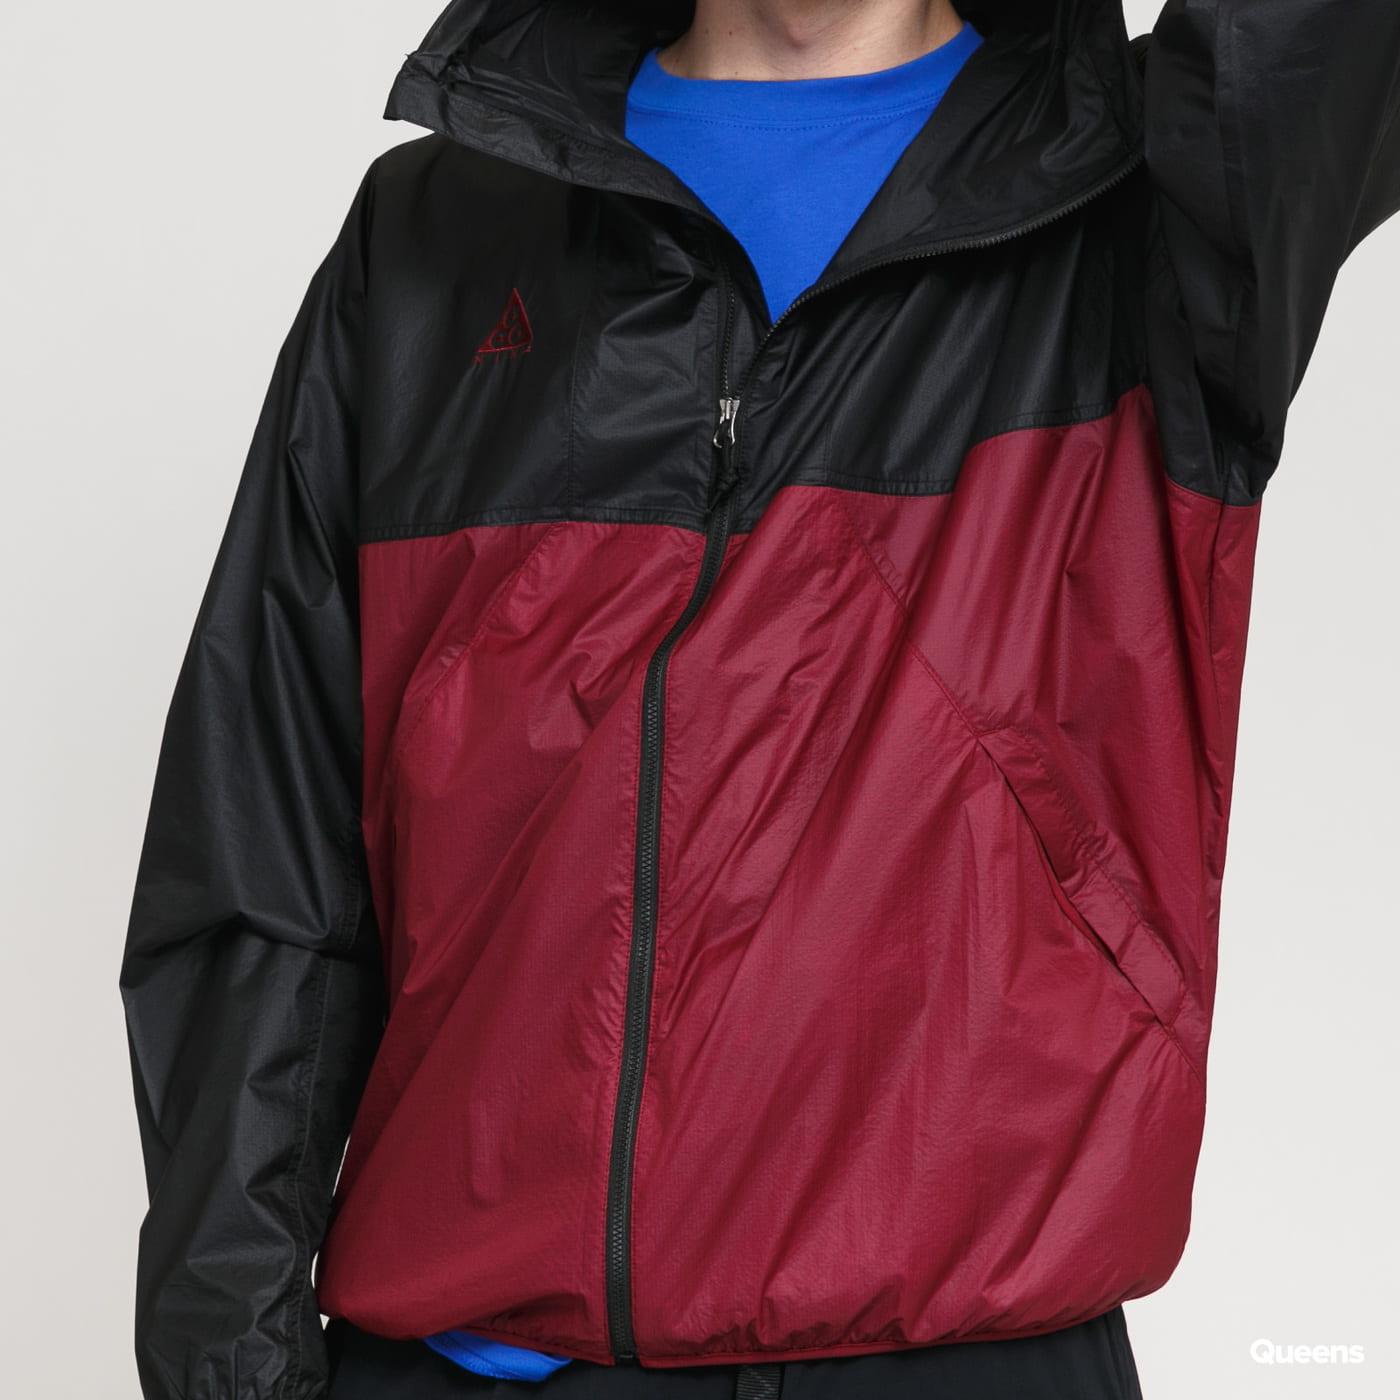 Nike M NRG ACG Lightweight Jacket dark burgundy / black